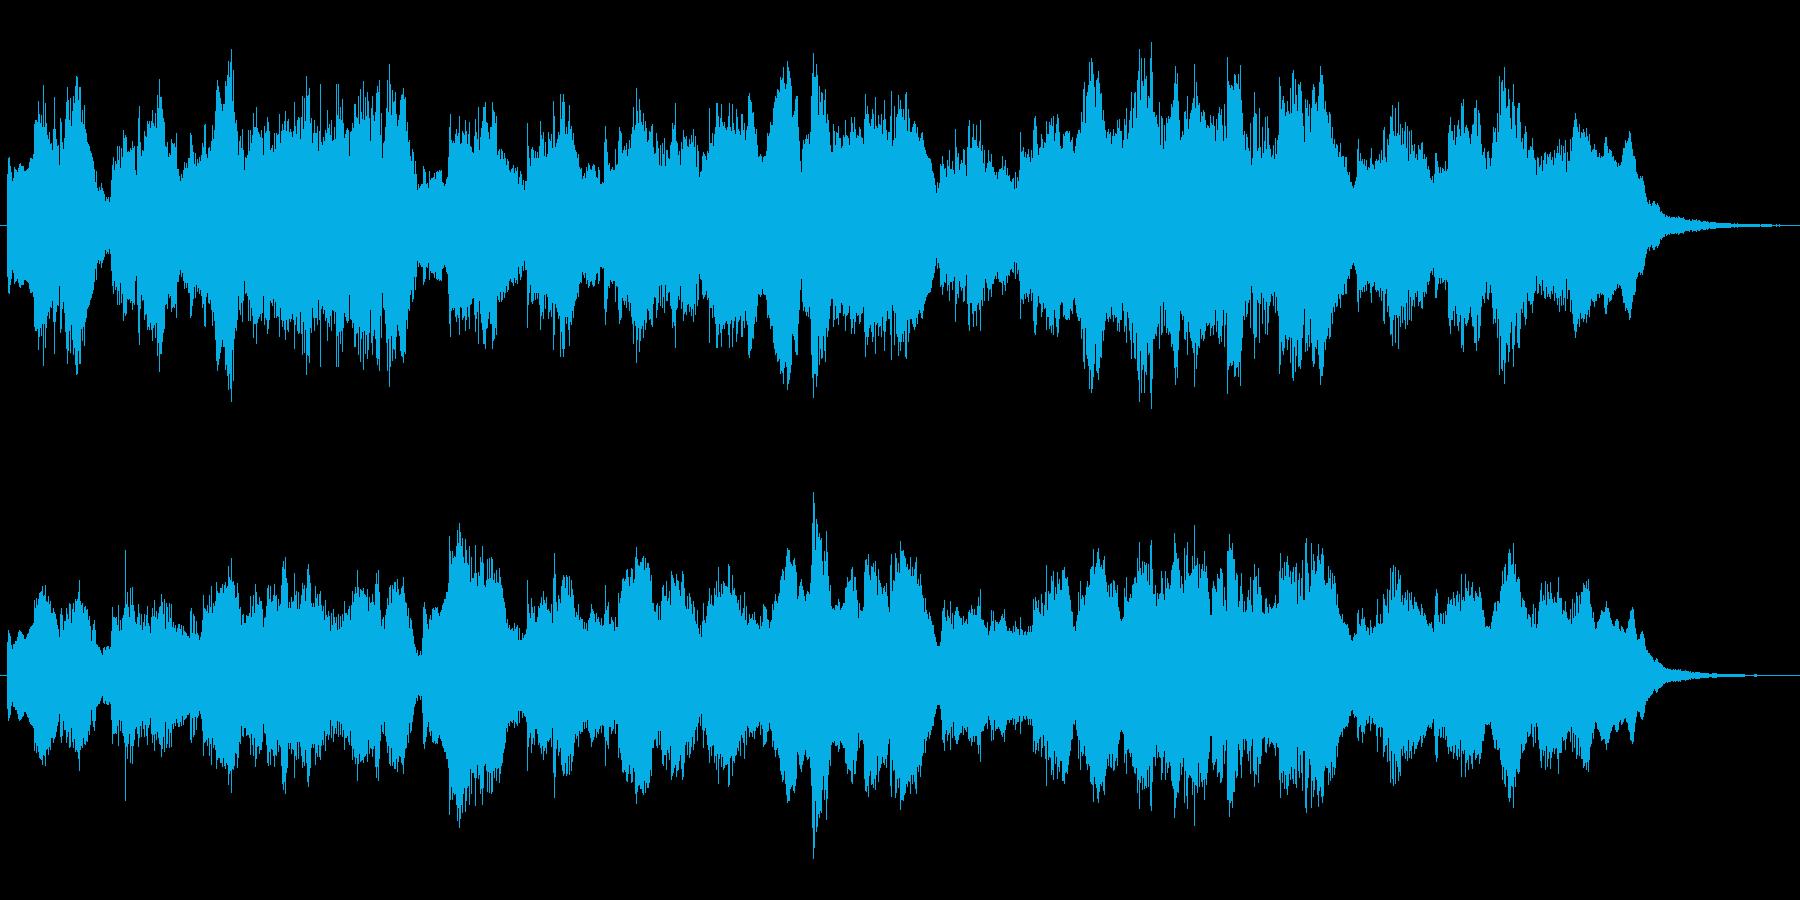 シンセによる明るいファンタジーの世界の再生済みの波形